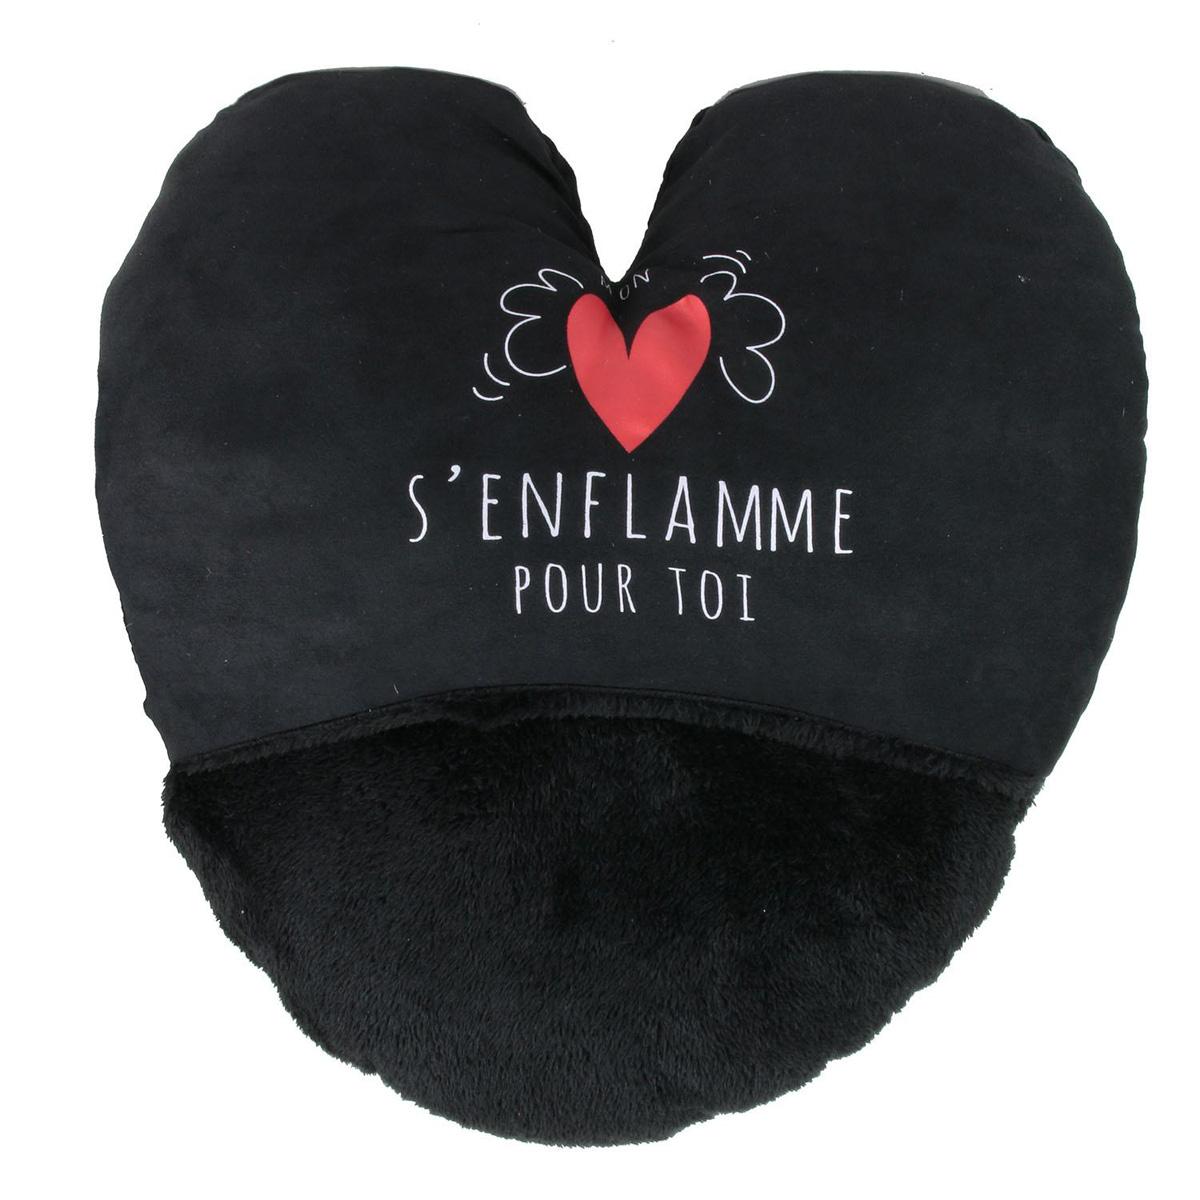 Géant chausson duo \'Love\' noir (mon coeur s\'enflamme pour toi) - 40x37 cm - [Q4374]